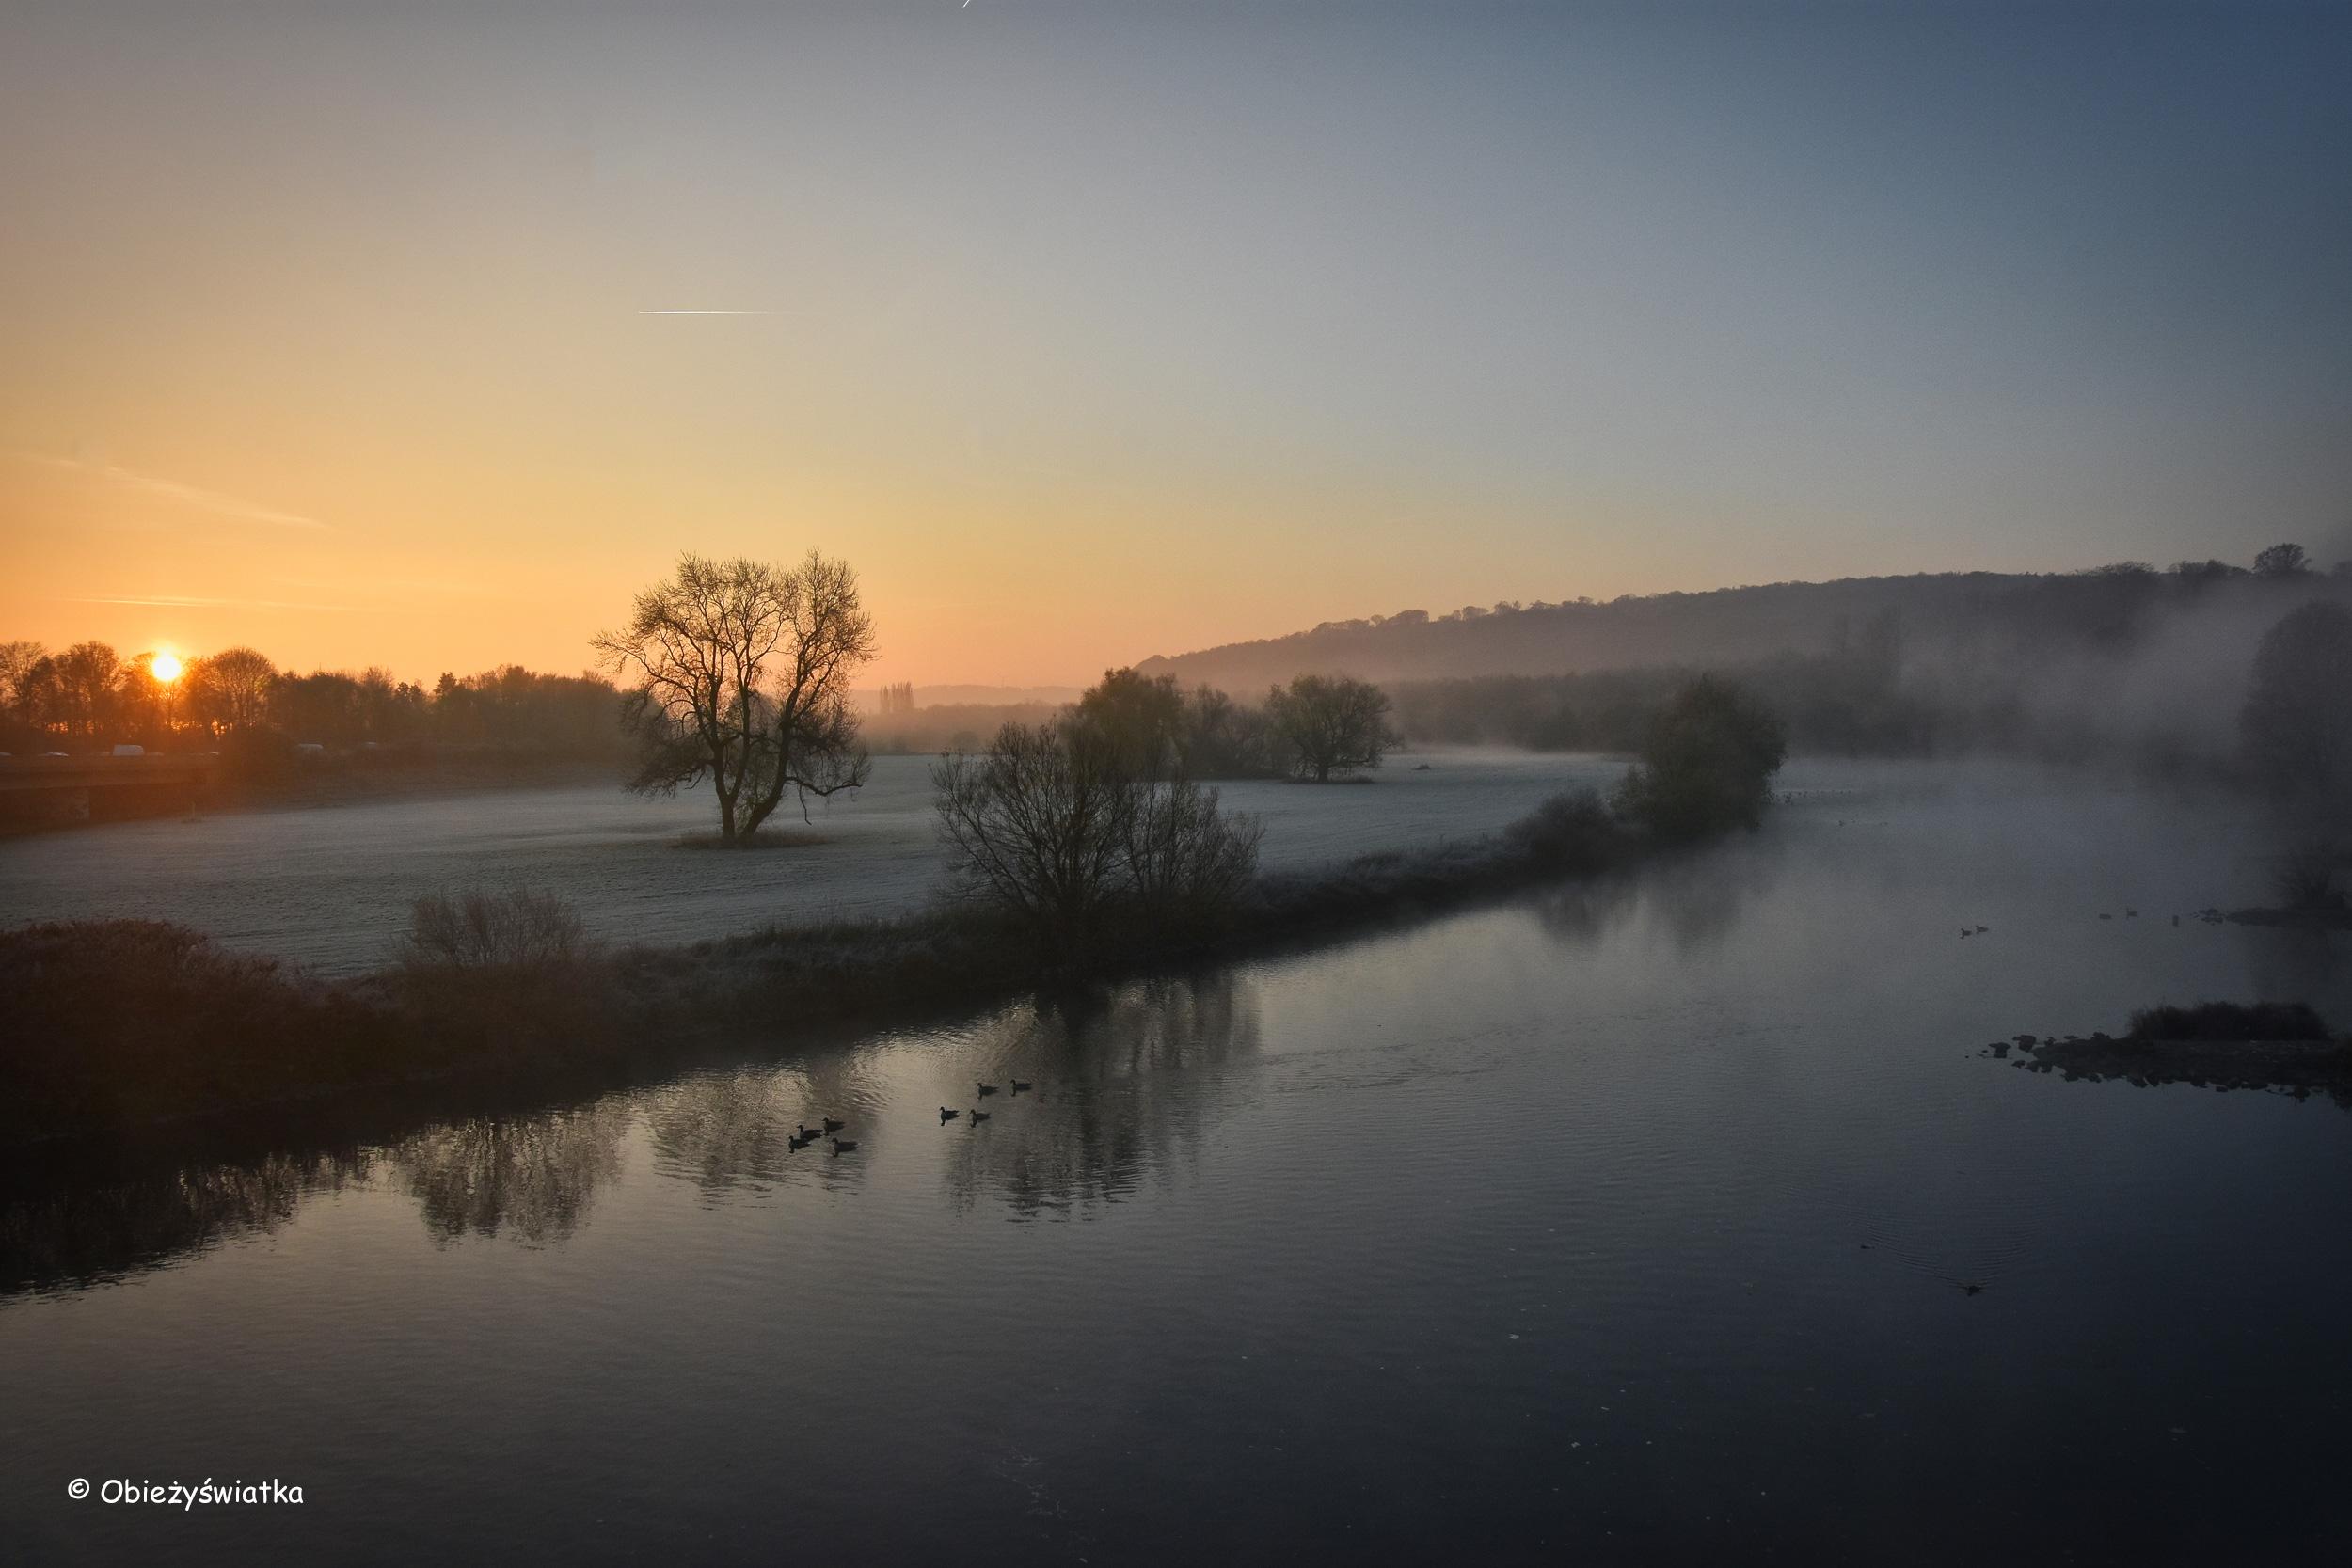 Rzeka Ruhr i listopadowy wschód słońca